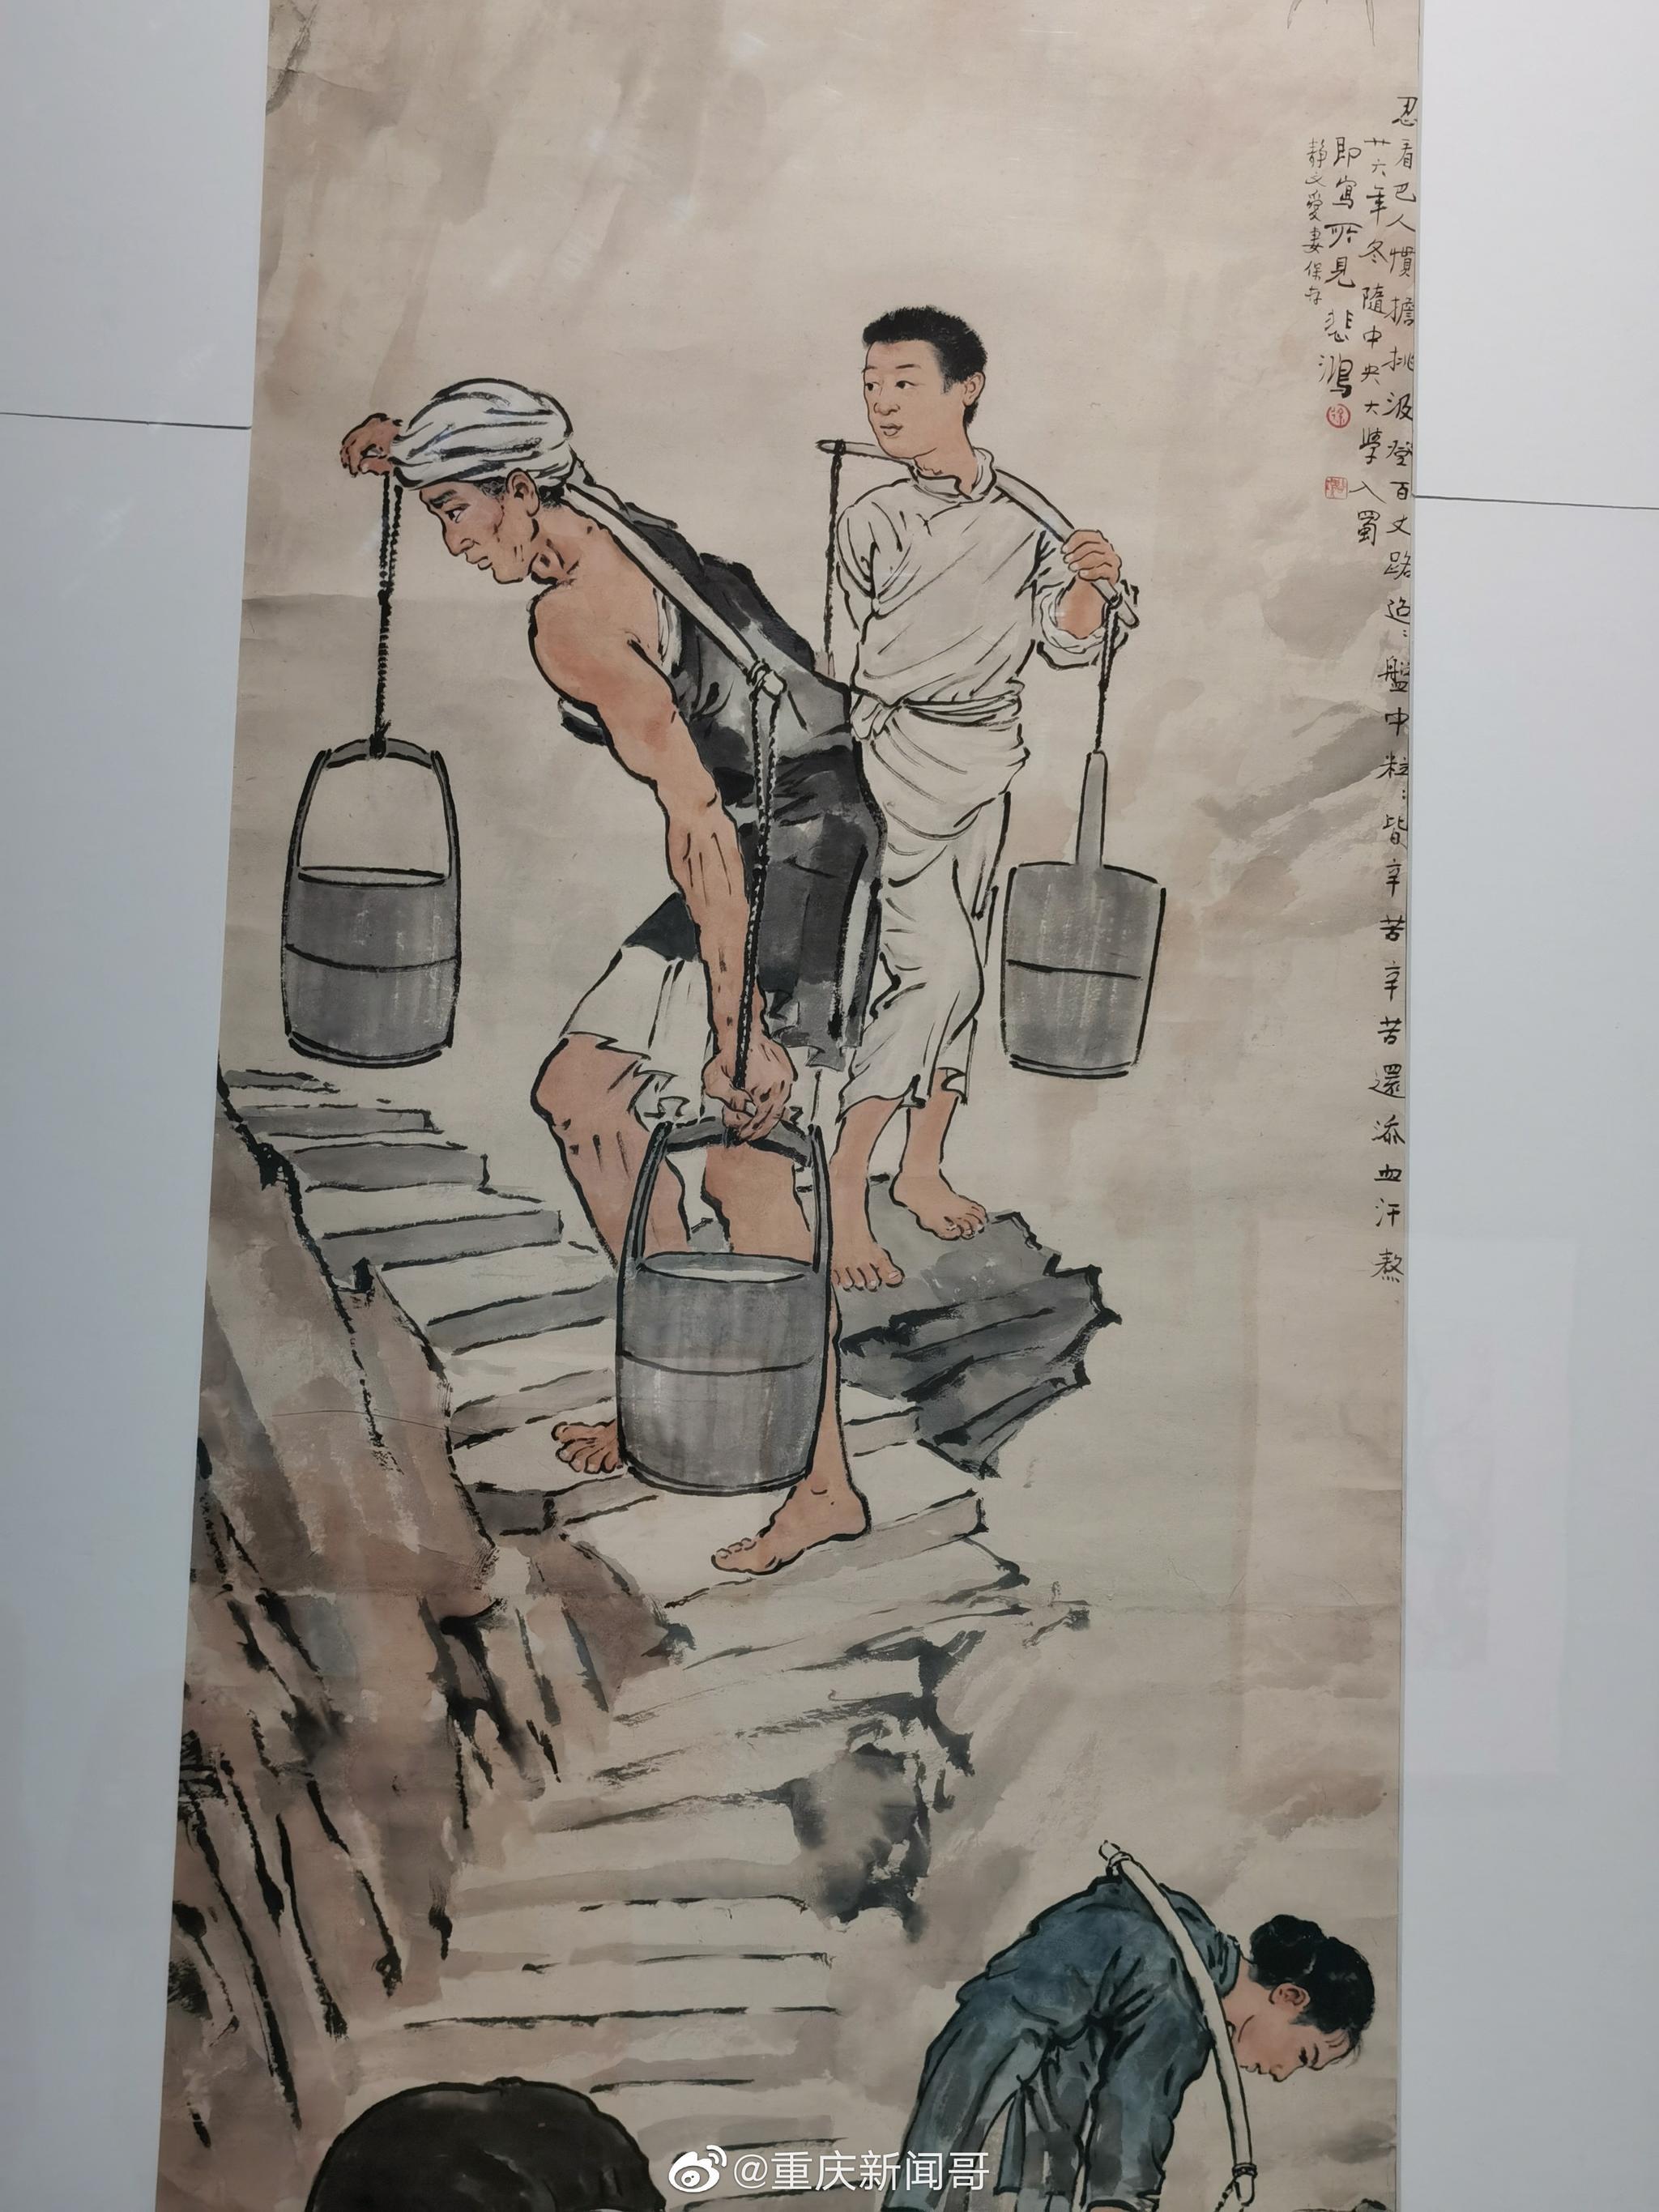 《巴人汲水图》,国画,高300厘米,宽62厘米